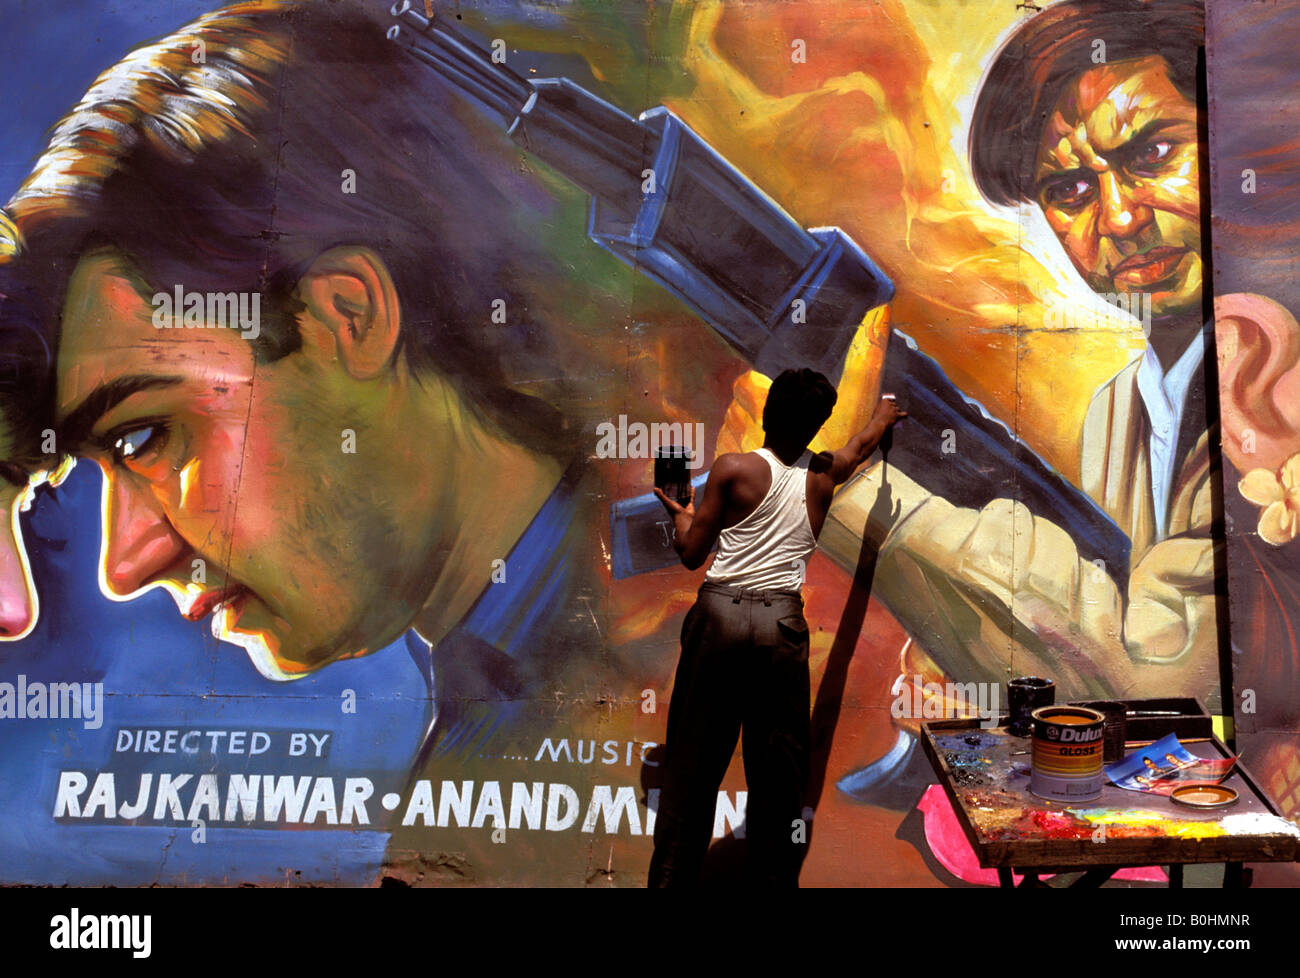 Une peinture à la main de l'artiste une affiche de film Bollywood, Delhi, Inde. Photo Stock